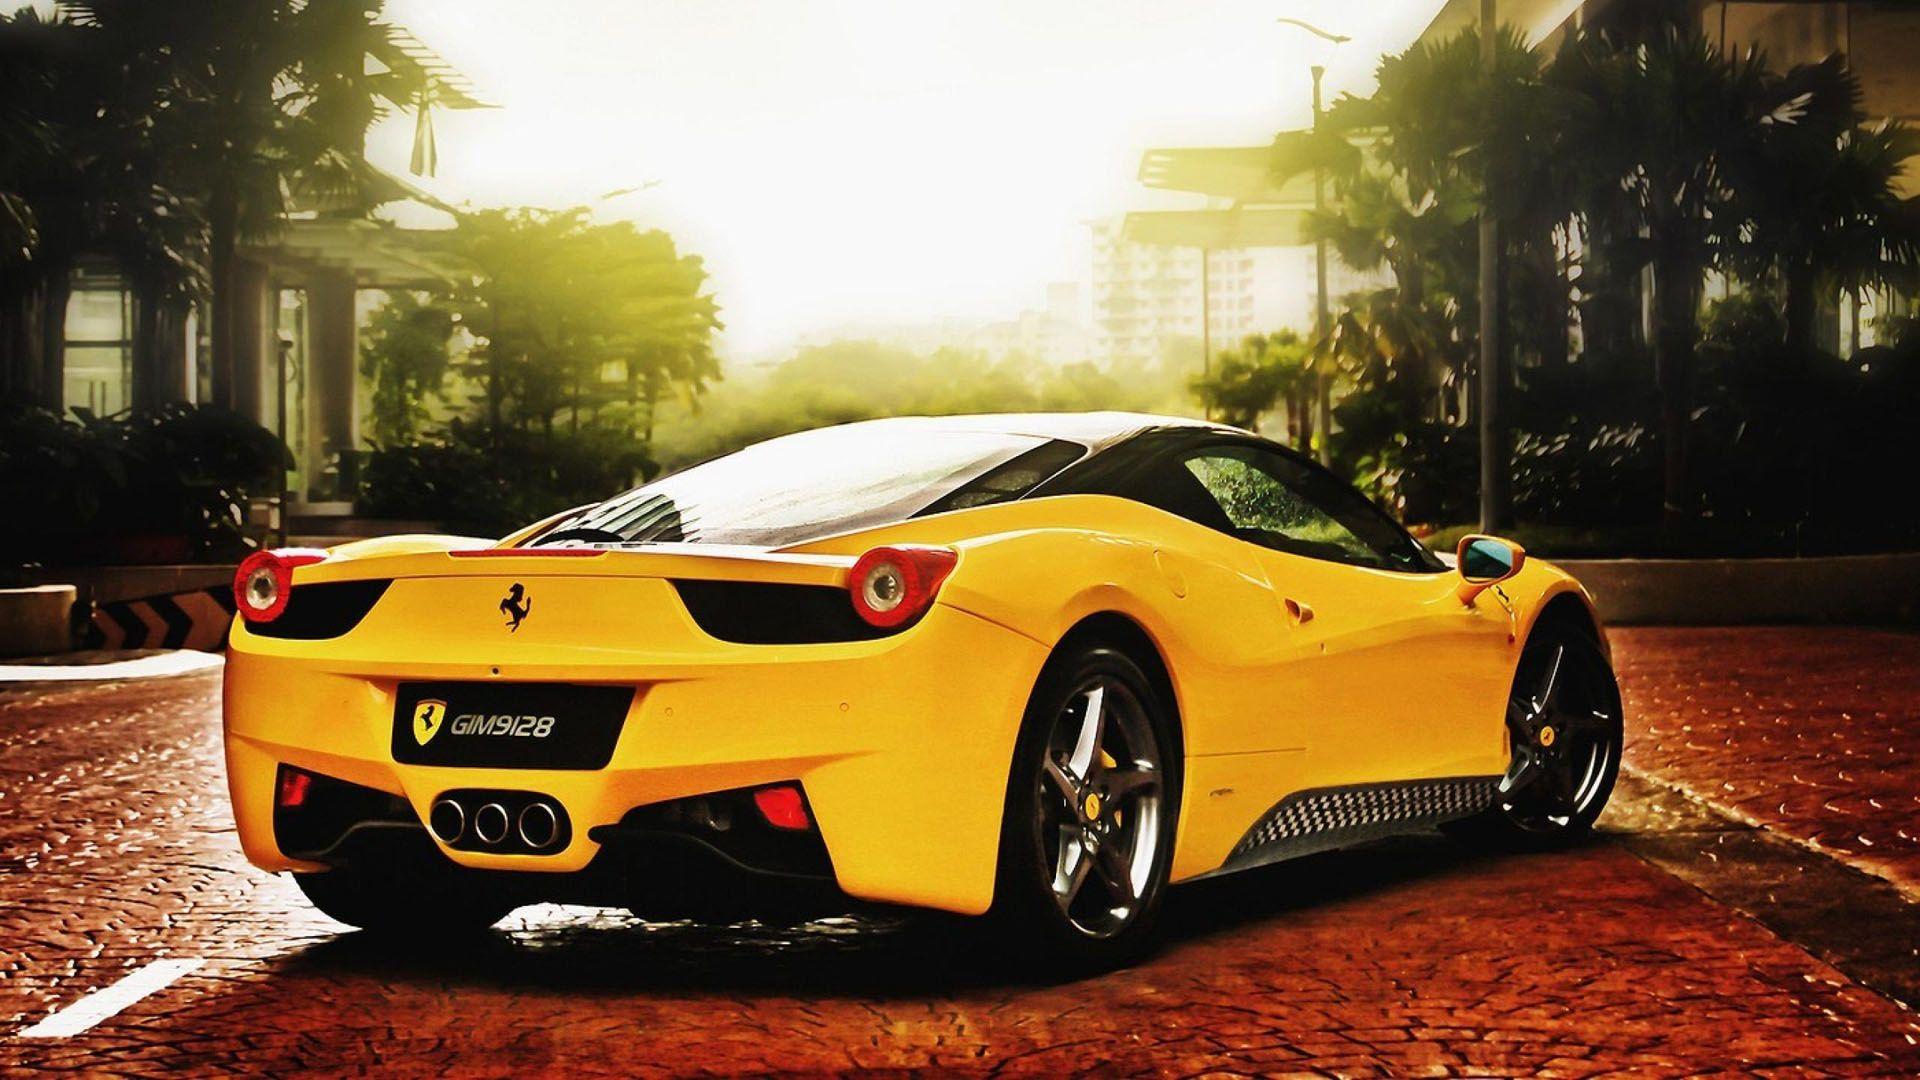 Super Yellow Ferrari HD Wallpaper   HD 1920x1080